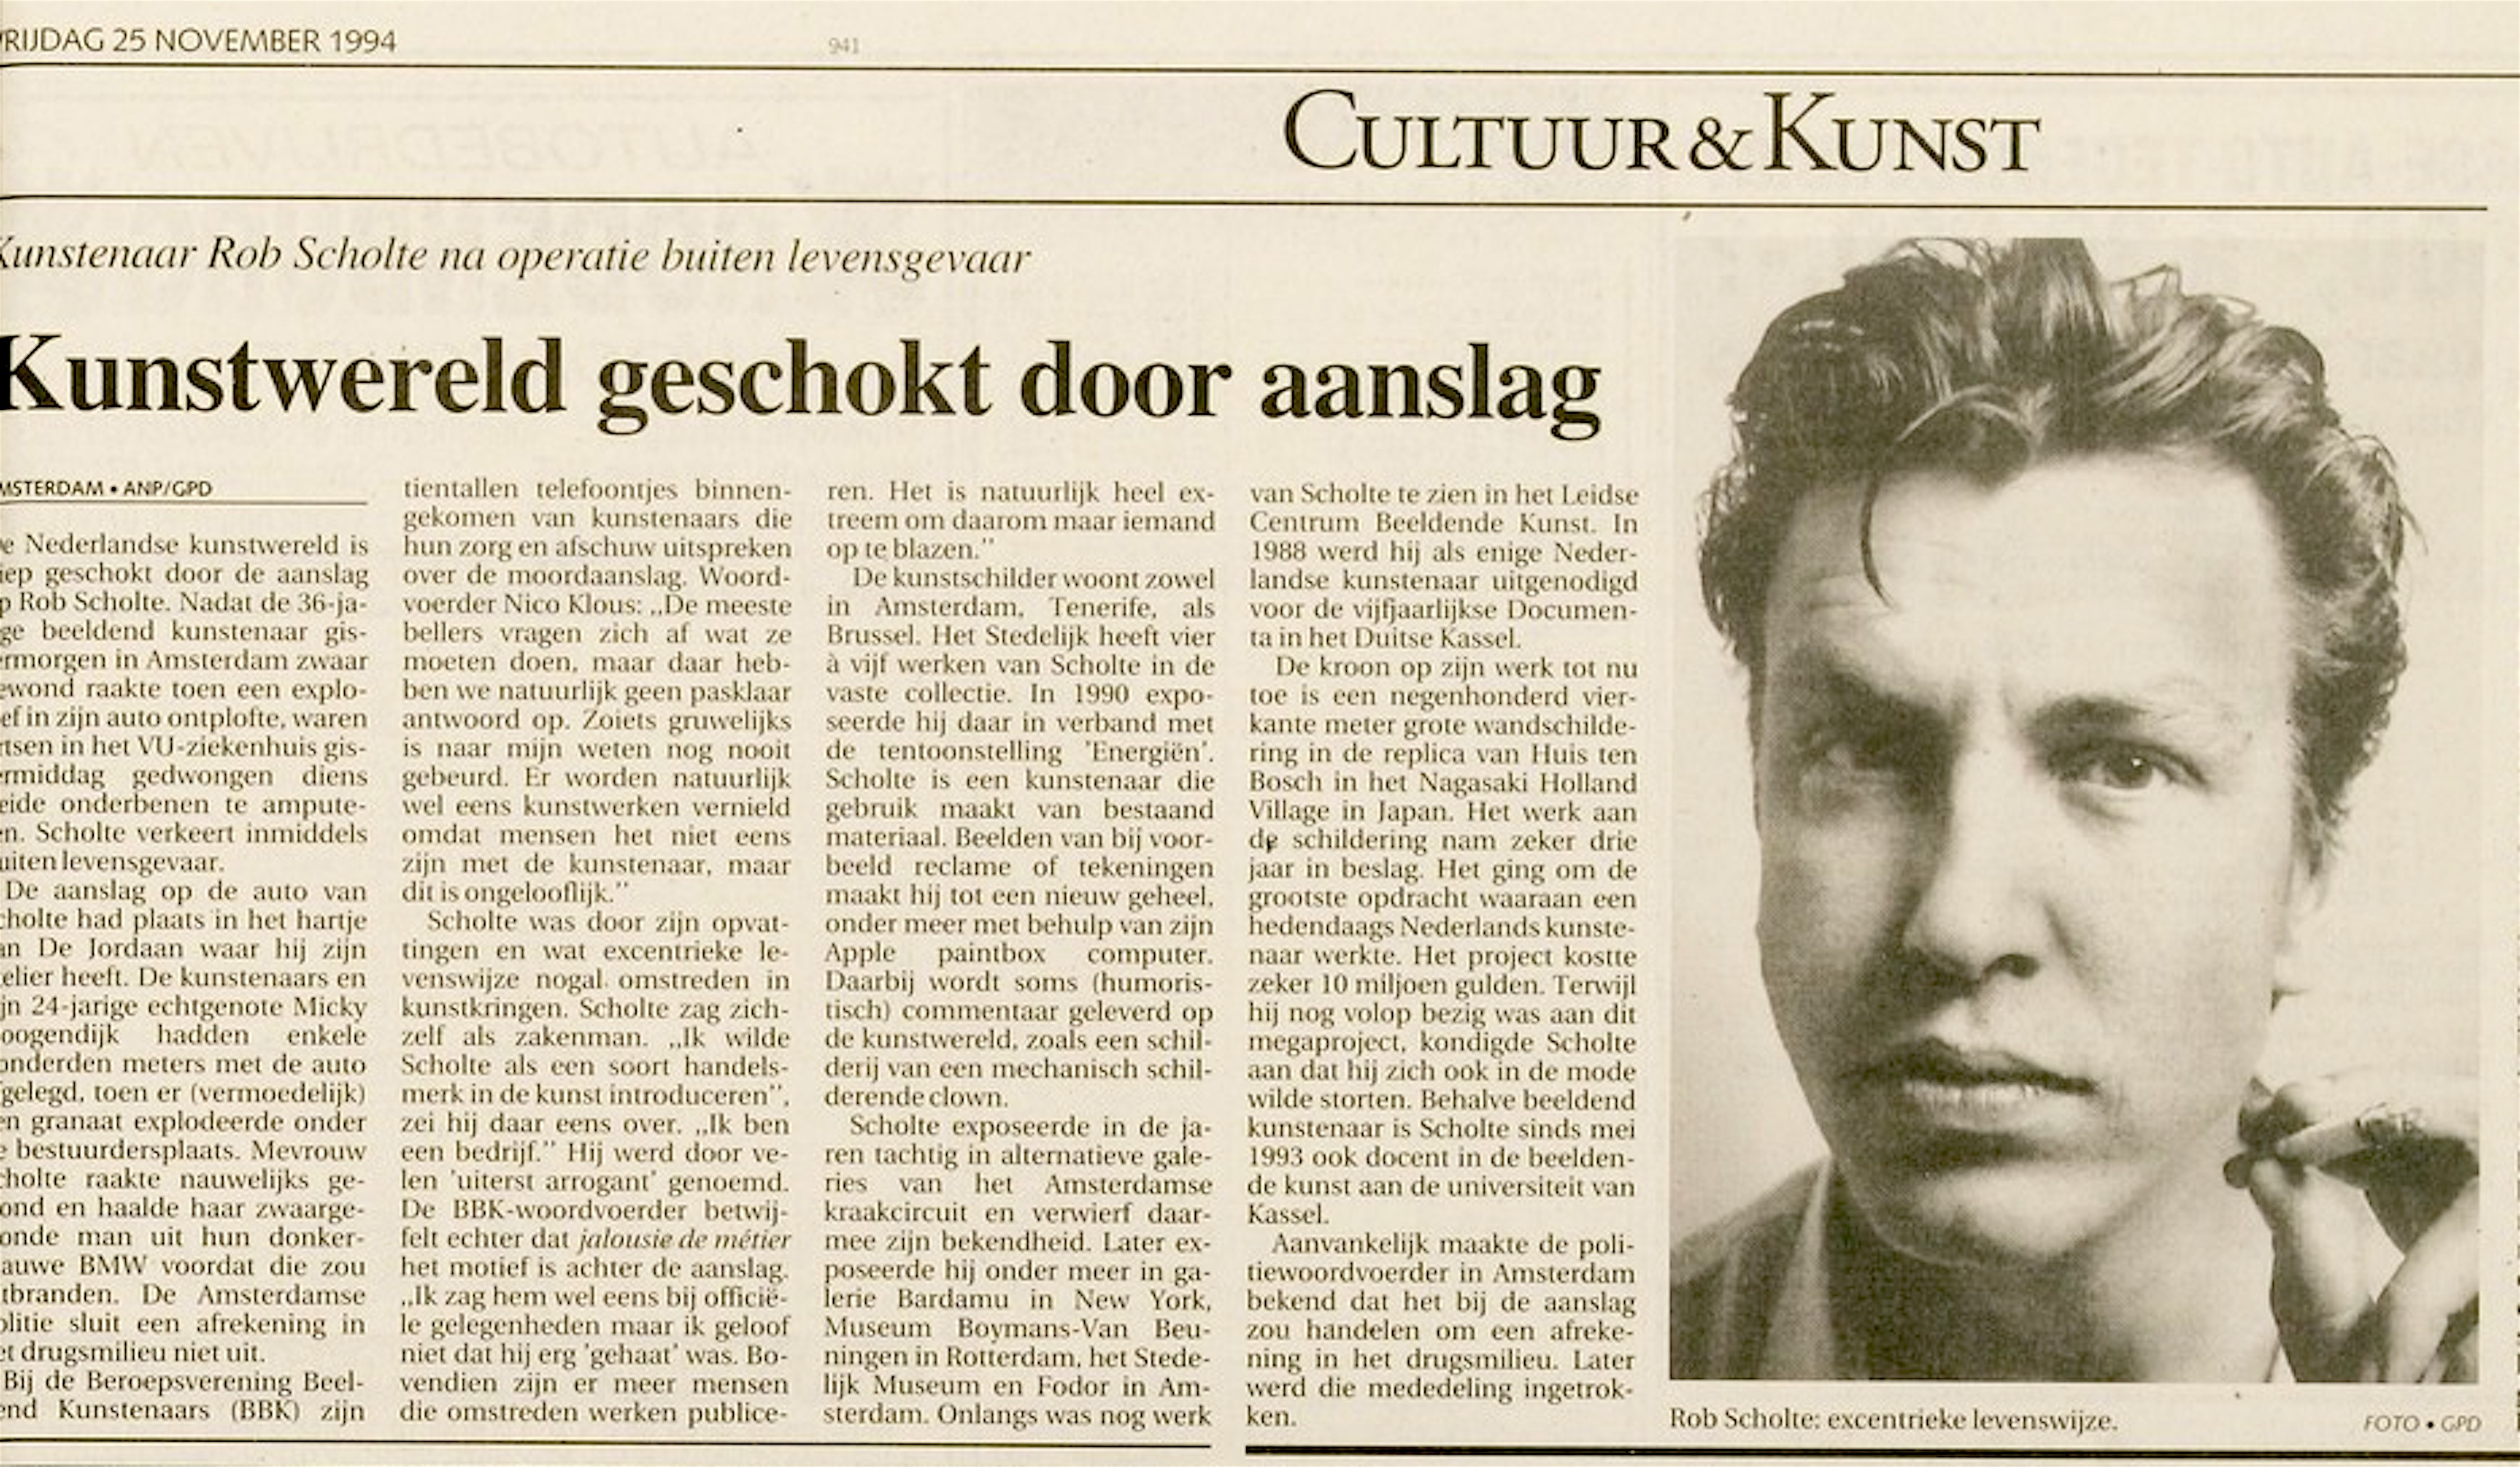 Leidsch Dagblad | 25 november 1994 | pagina 27 (27/36)